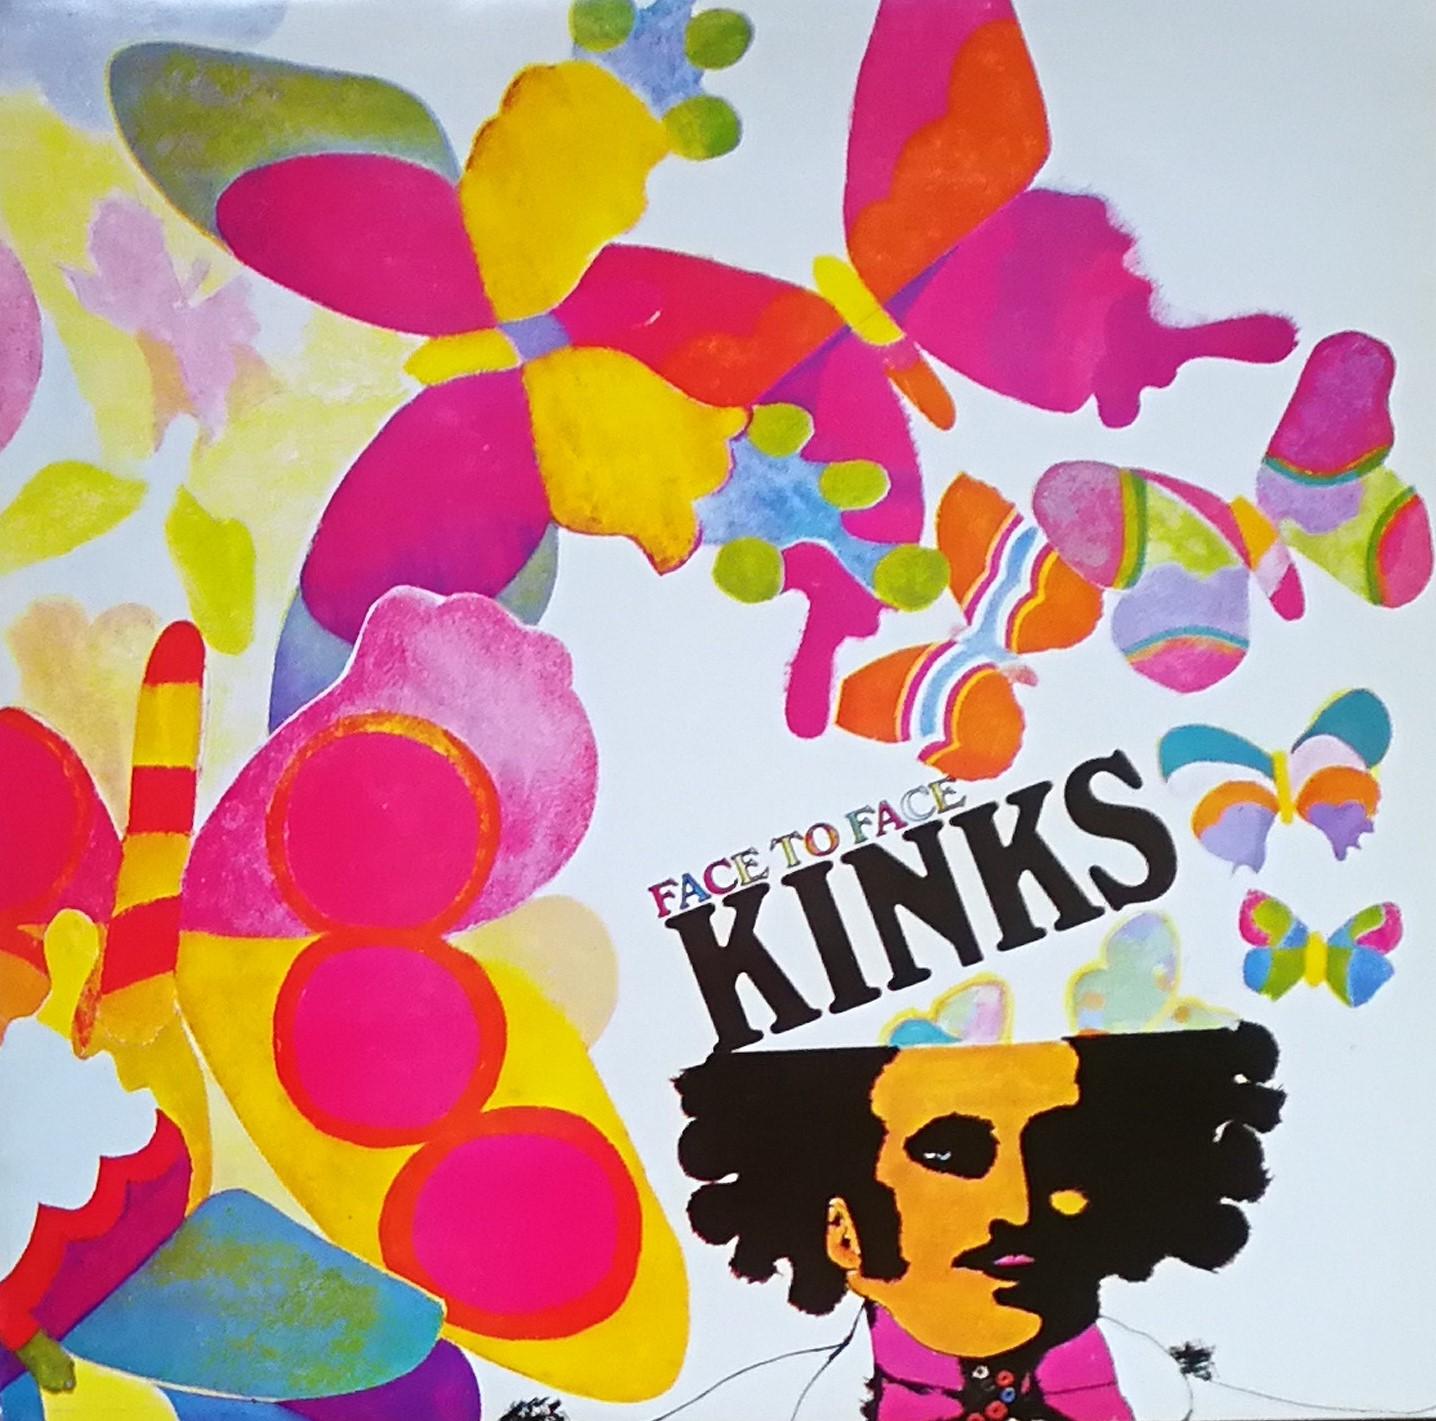 kinksfacetoface3